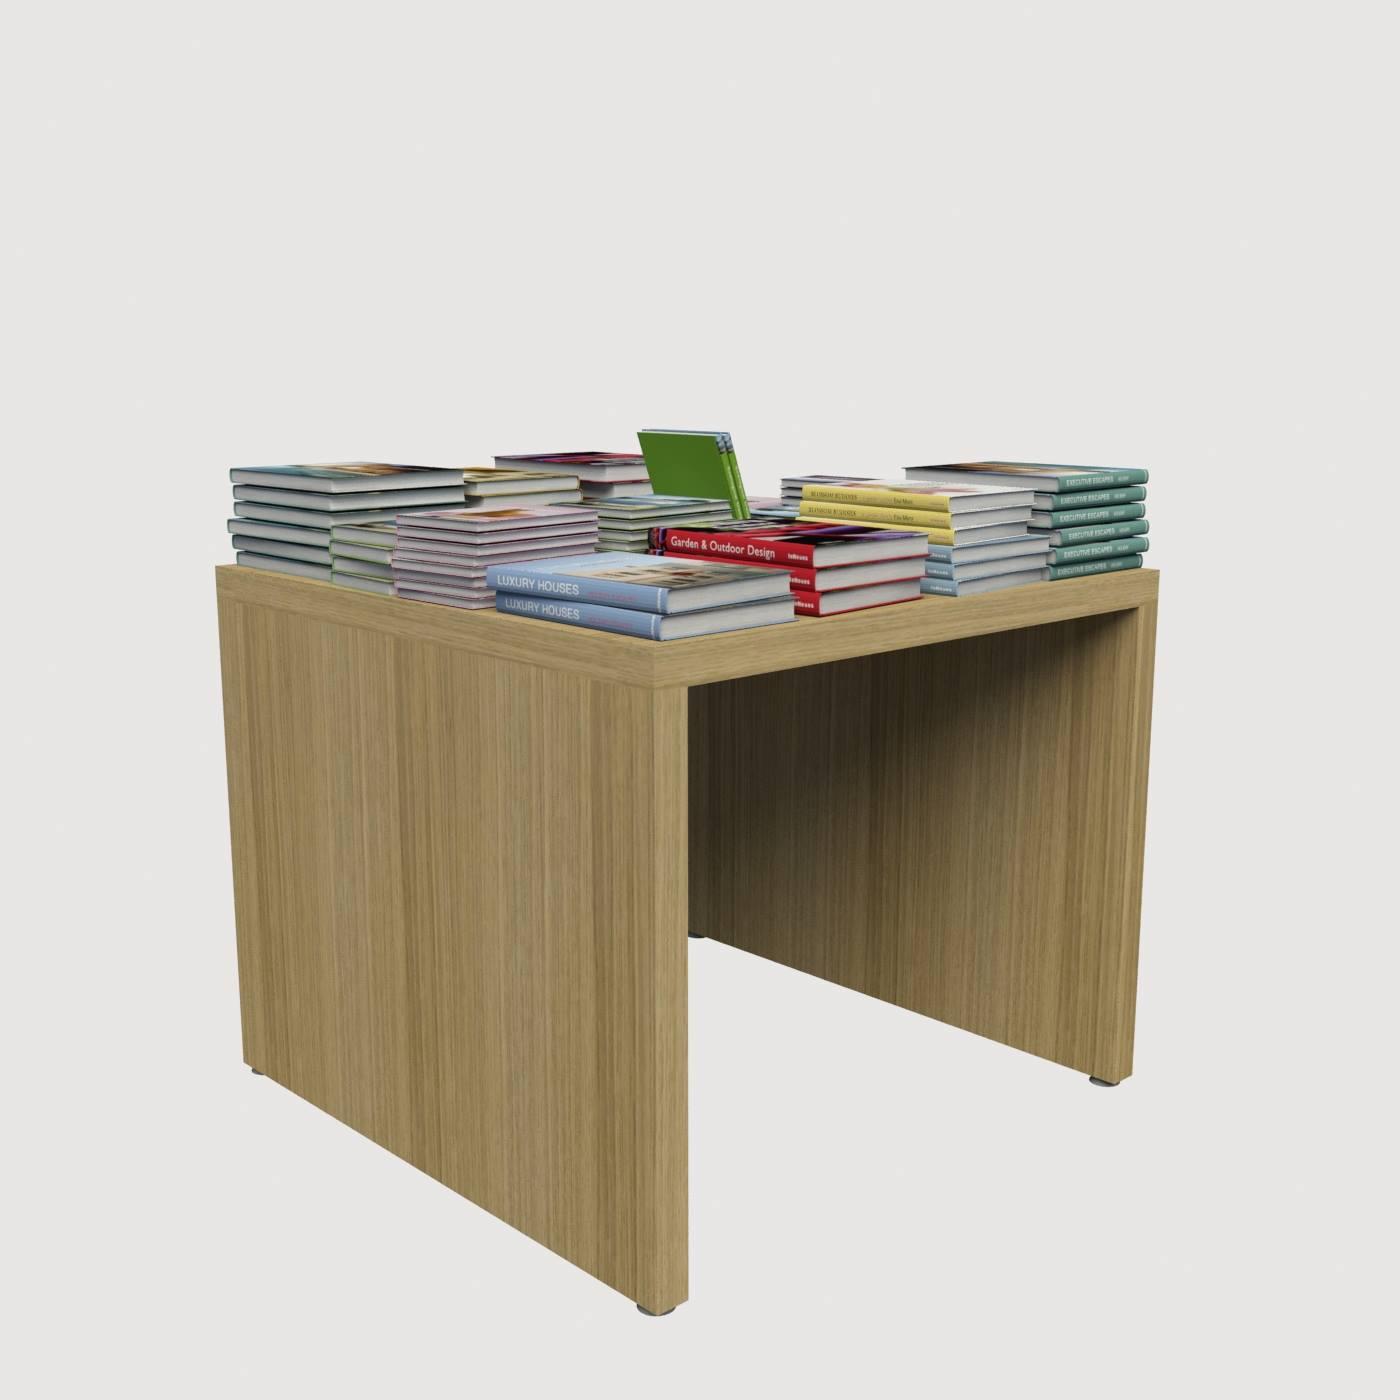 Τραπεζάκι μελαμίνης για καταστήματα με βιβλία εκθετήριο μελαμίνης ράφι για βιβλία